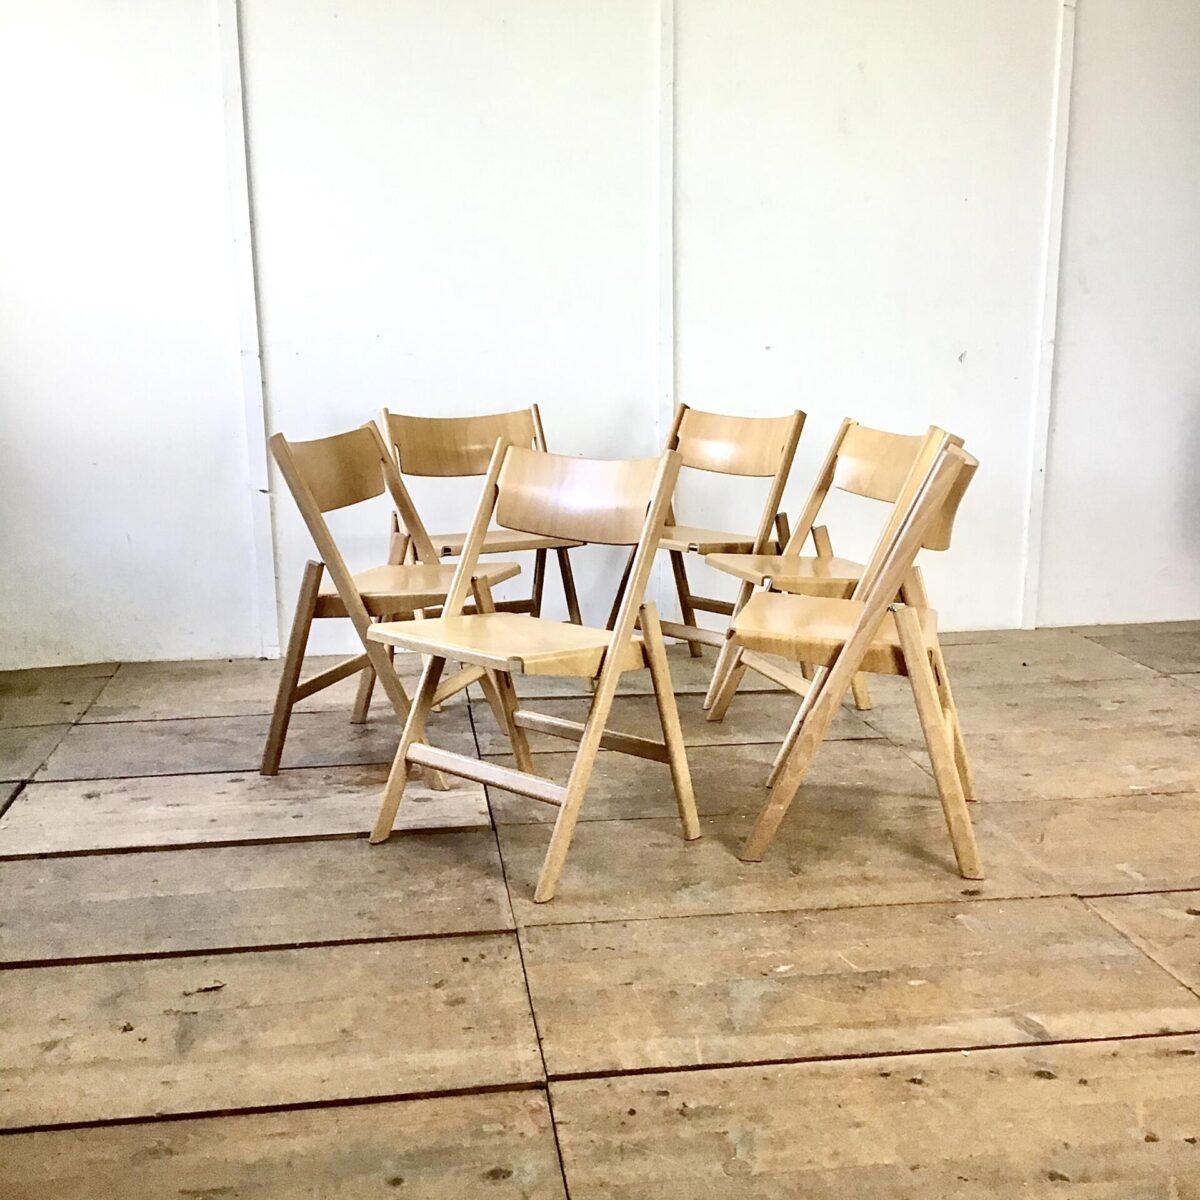 Deuxieme.shop Sechser Set Hans Eichenberger Klappstühle von, Stühle Stein am Rhein. Buchenholz Stühle, Sitz und Lehne Formsperrholz.